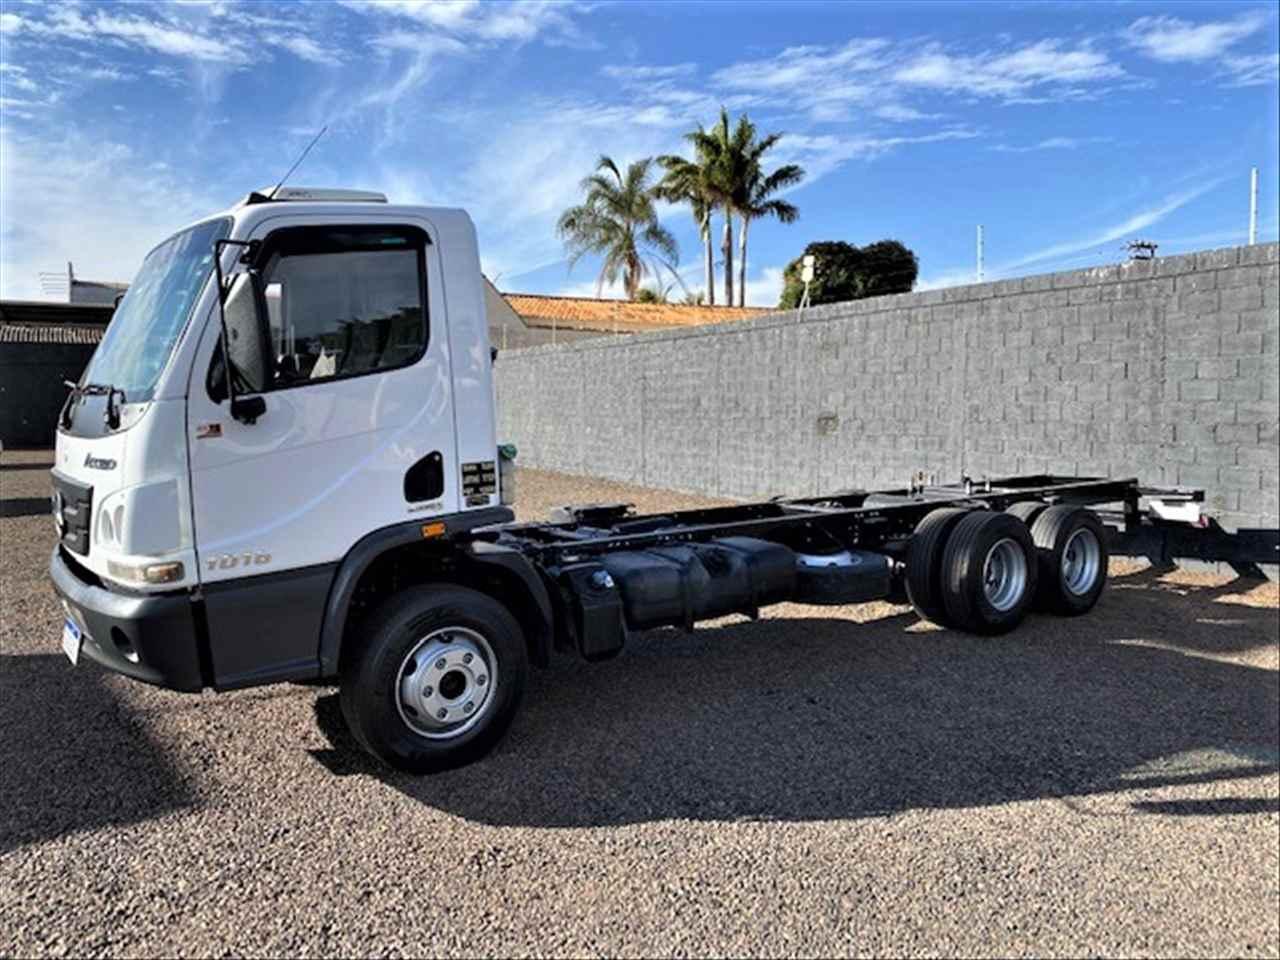 CAMINHAO MERCEDES-BENZ MB 1016 Chassis Truck 6x2 Jaime Caminhões RIBEIRAO PRETO SÃO PAULO SP